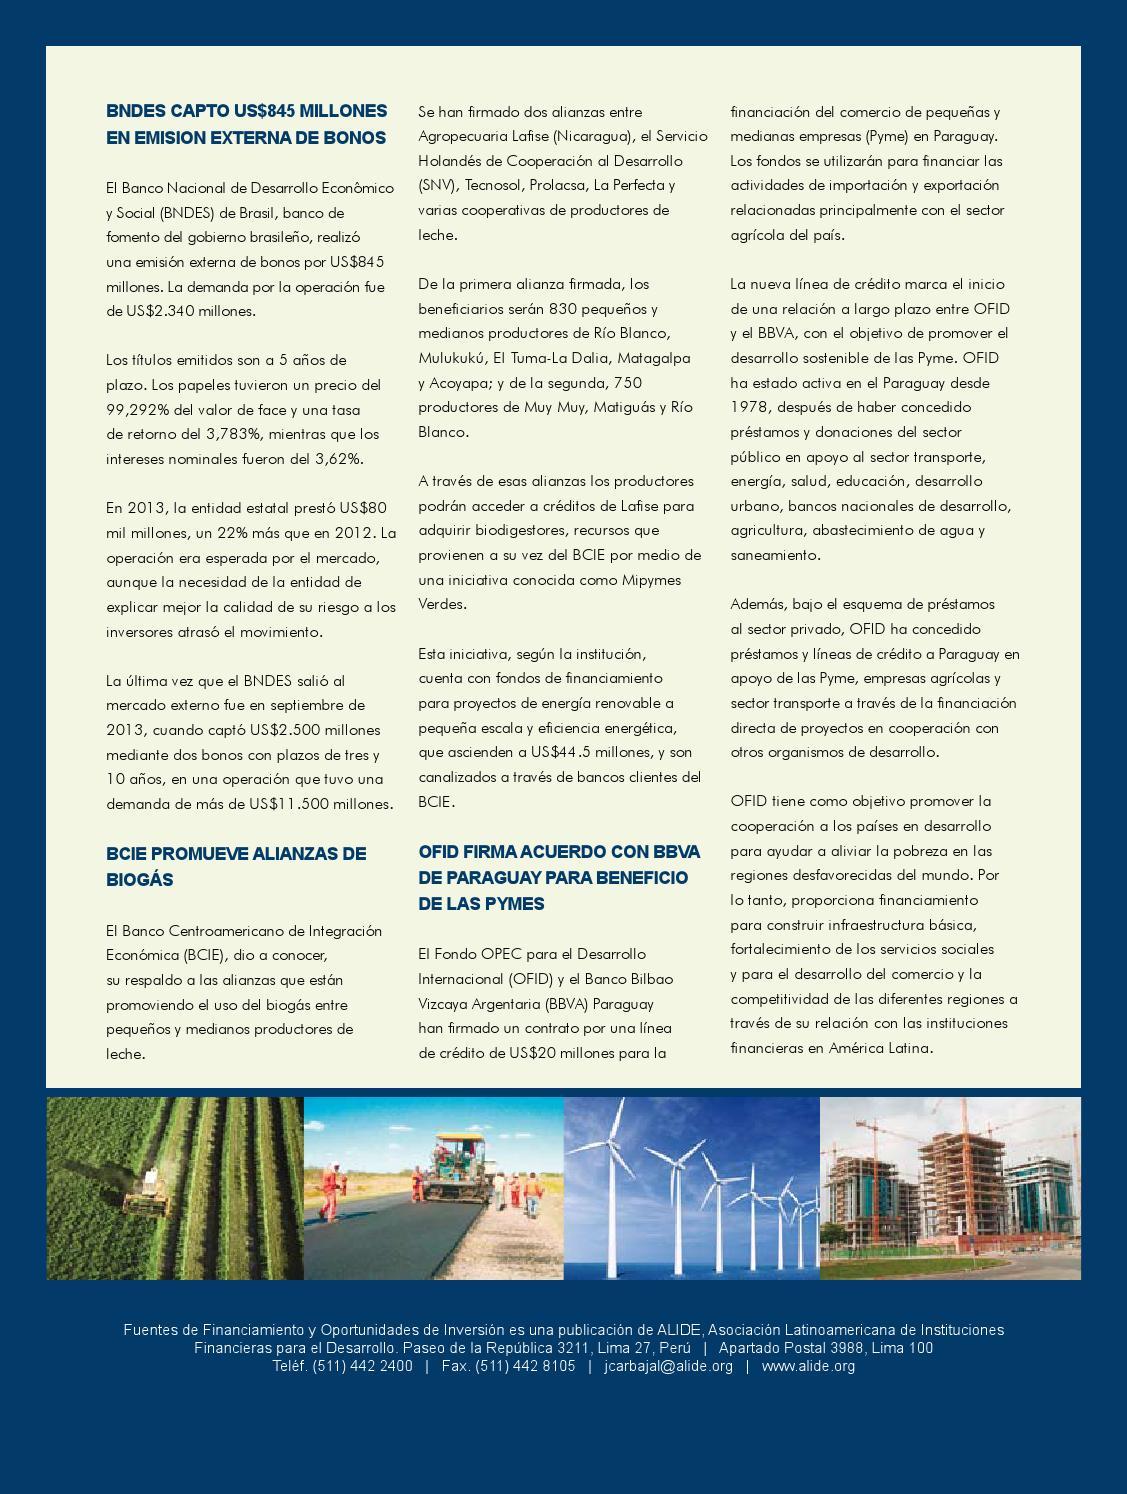 fd02577fb9 Revista Alide (enero-marzo 2014) by Publicaciones ALIDE - issuu